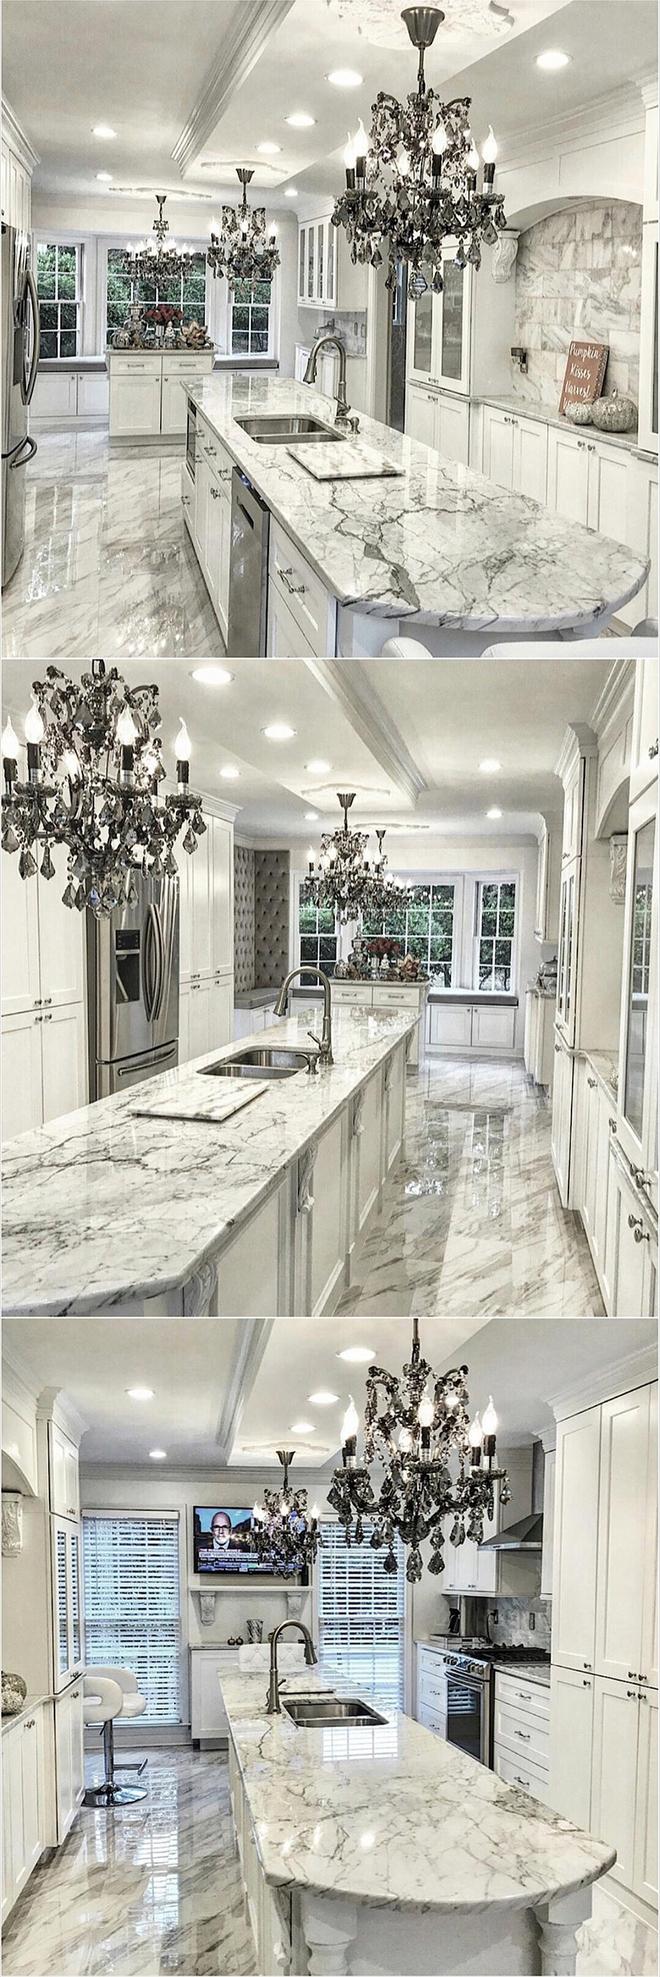 Giữa muôn vàn chất liệu khác nhau thì đá cẩm thạch vẫn luôn là lựa chọn hàng đầu cho mặt bàn bếp - Ảnh 2.